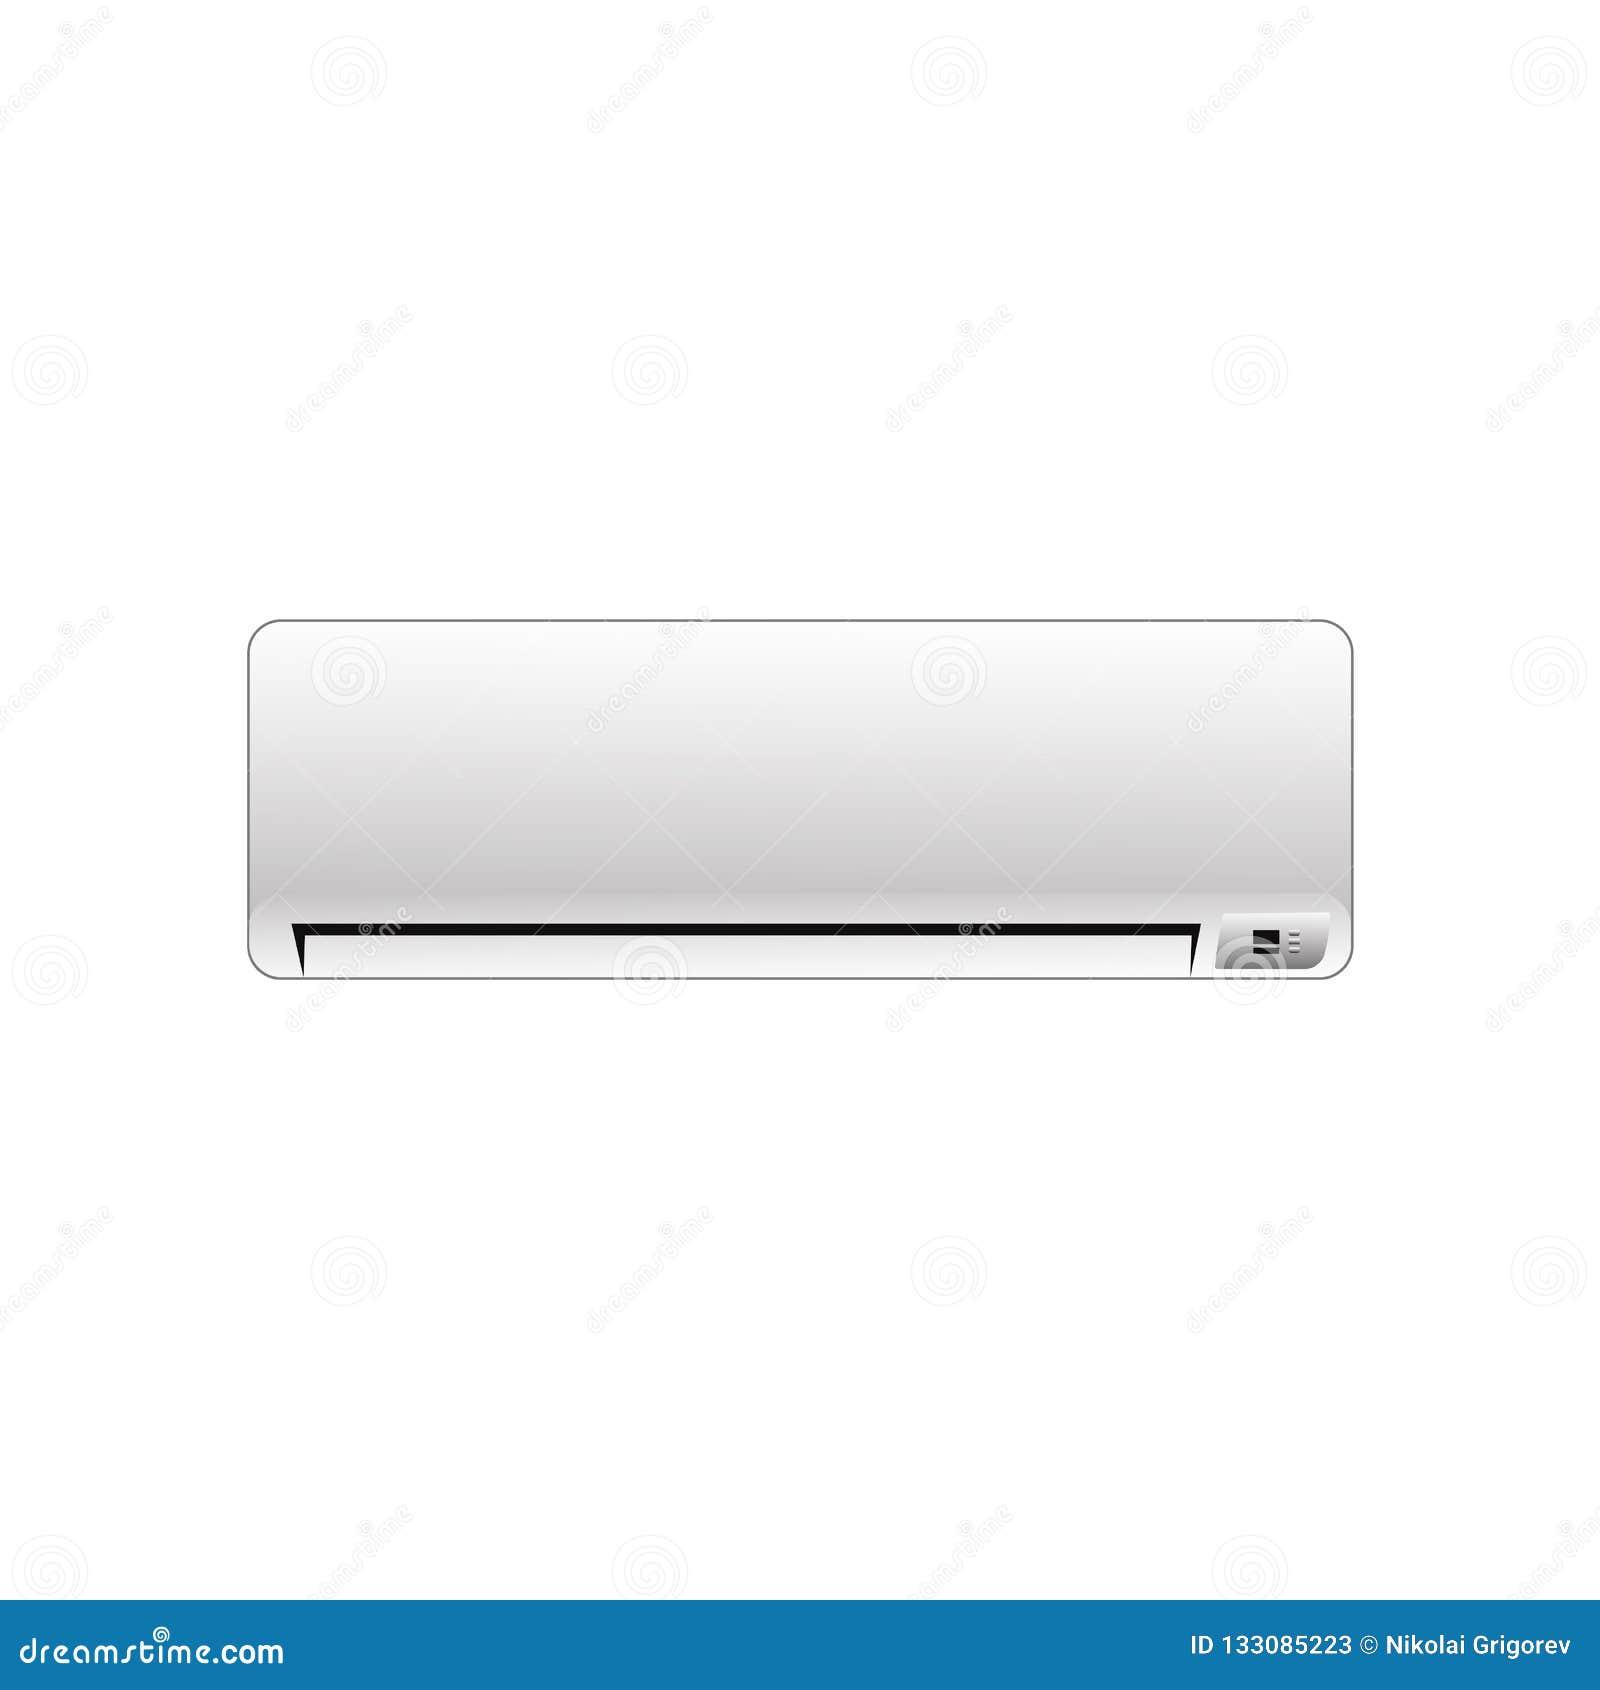 Illustrazione del condizionatore di vettore su un fondo bianco